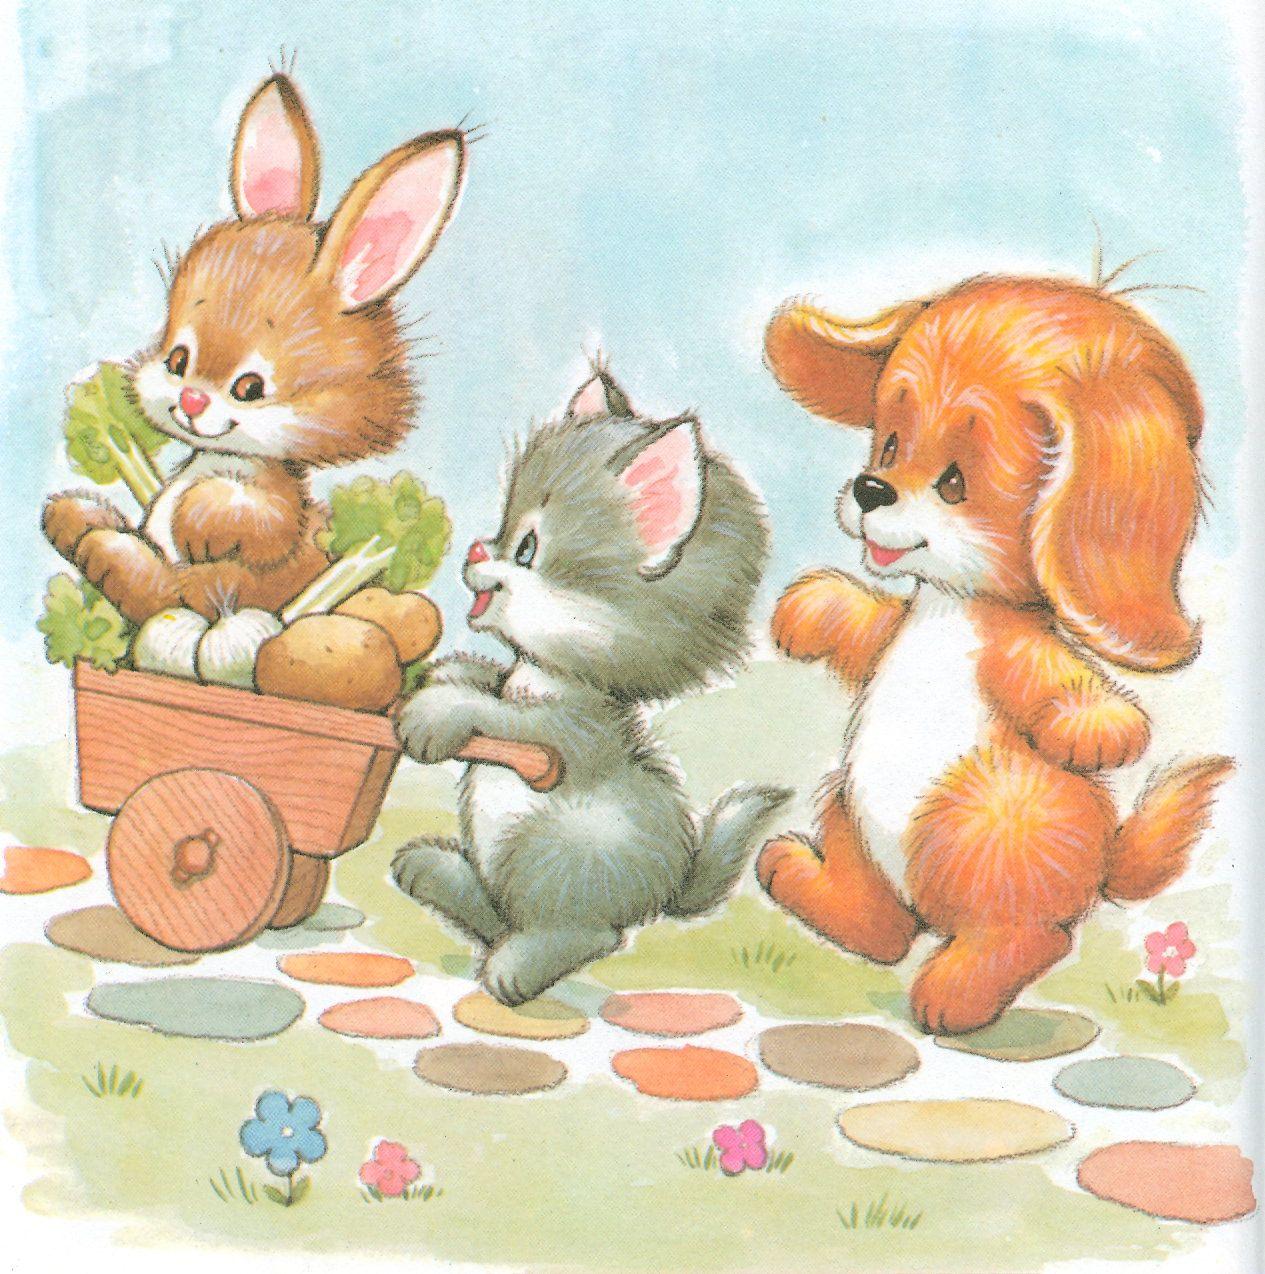 conejos  http://www.silvitablanco.com.ar/bunny/conejos-1.htm